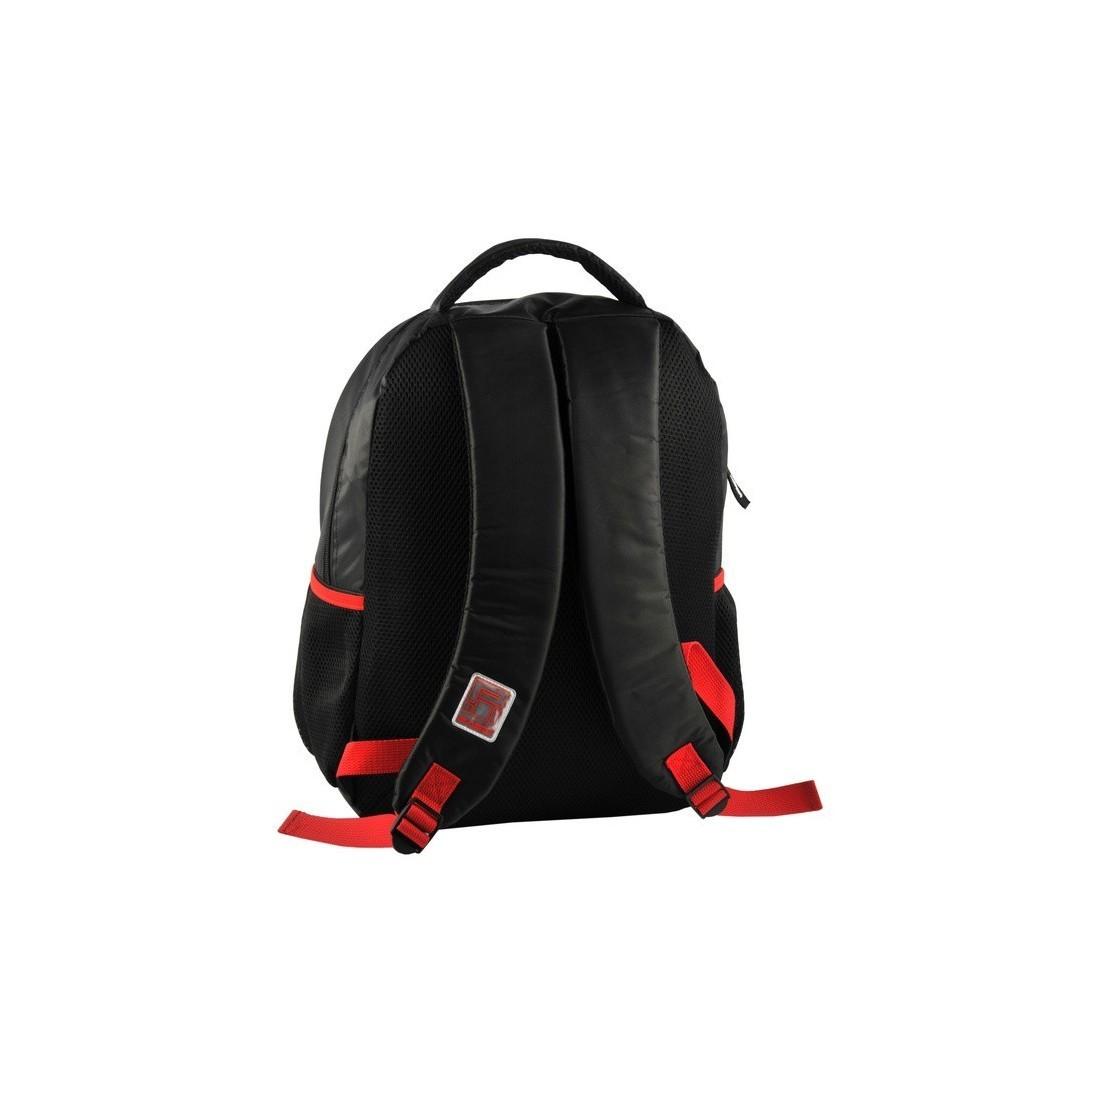 Plecak szkolny Avengers czarny - plecak-tornister.pl